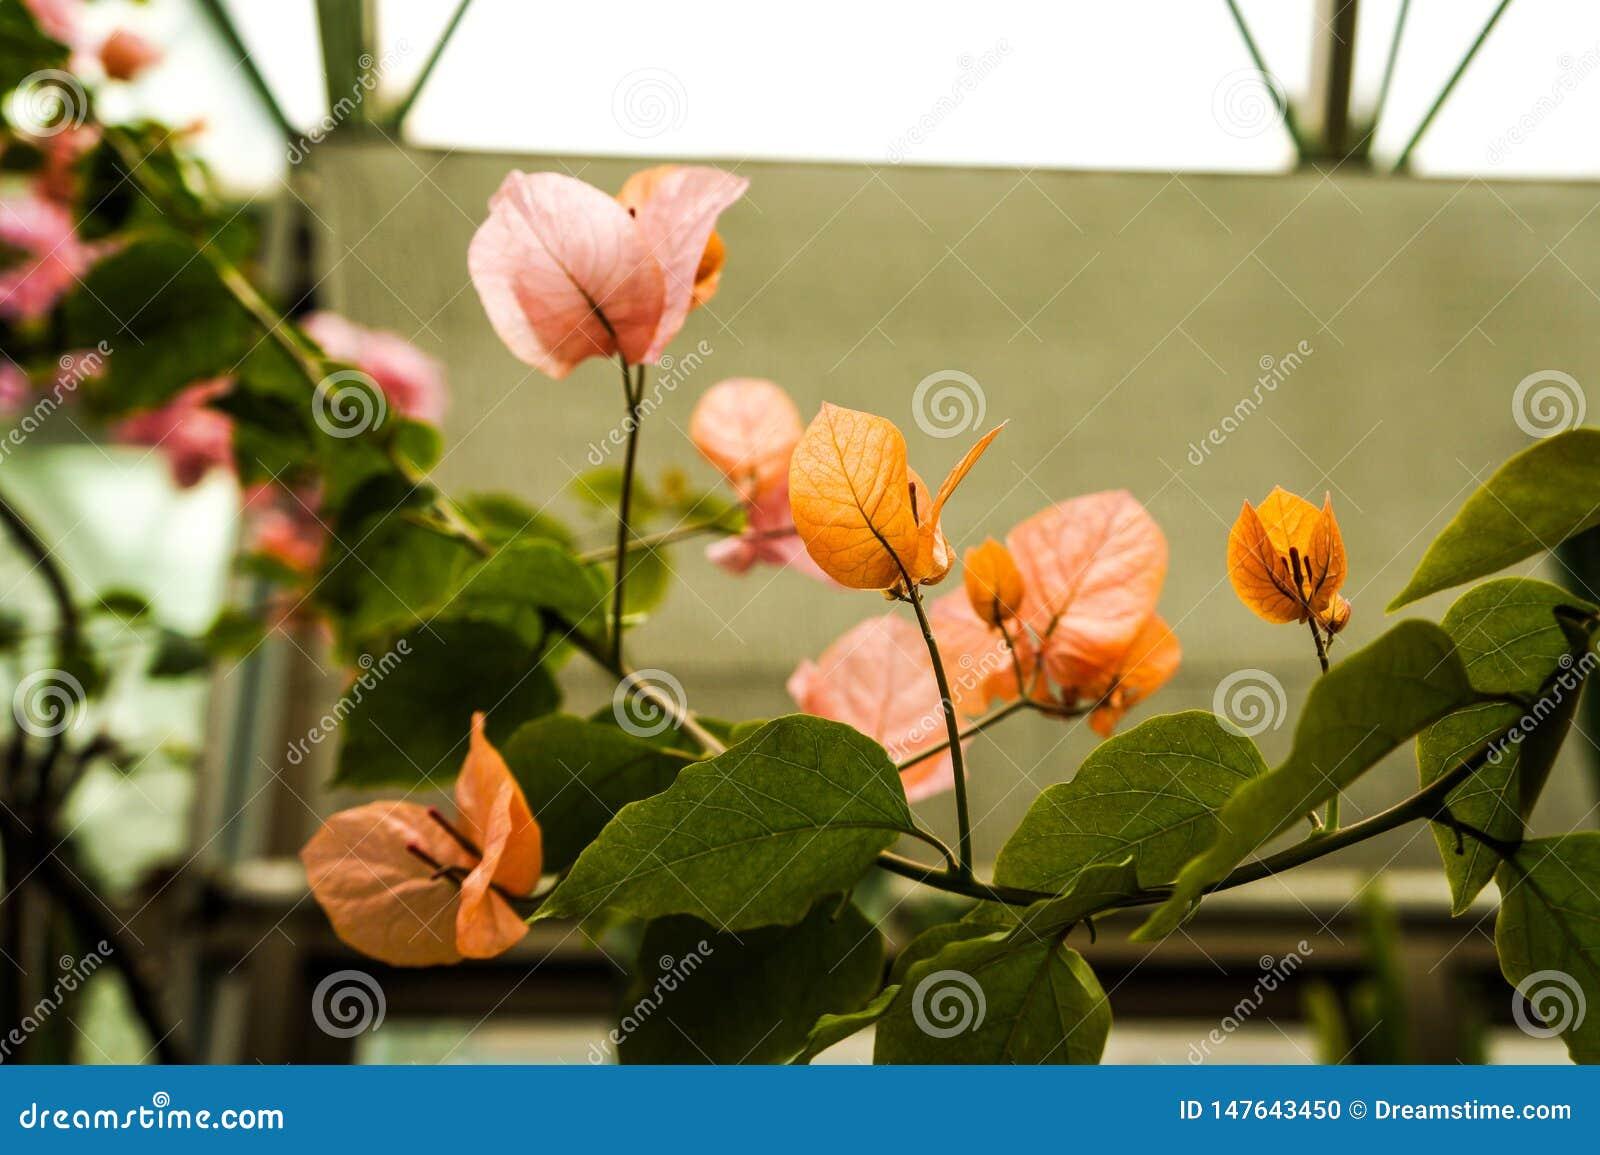 Bougainvillea flower of botanical garden